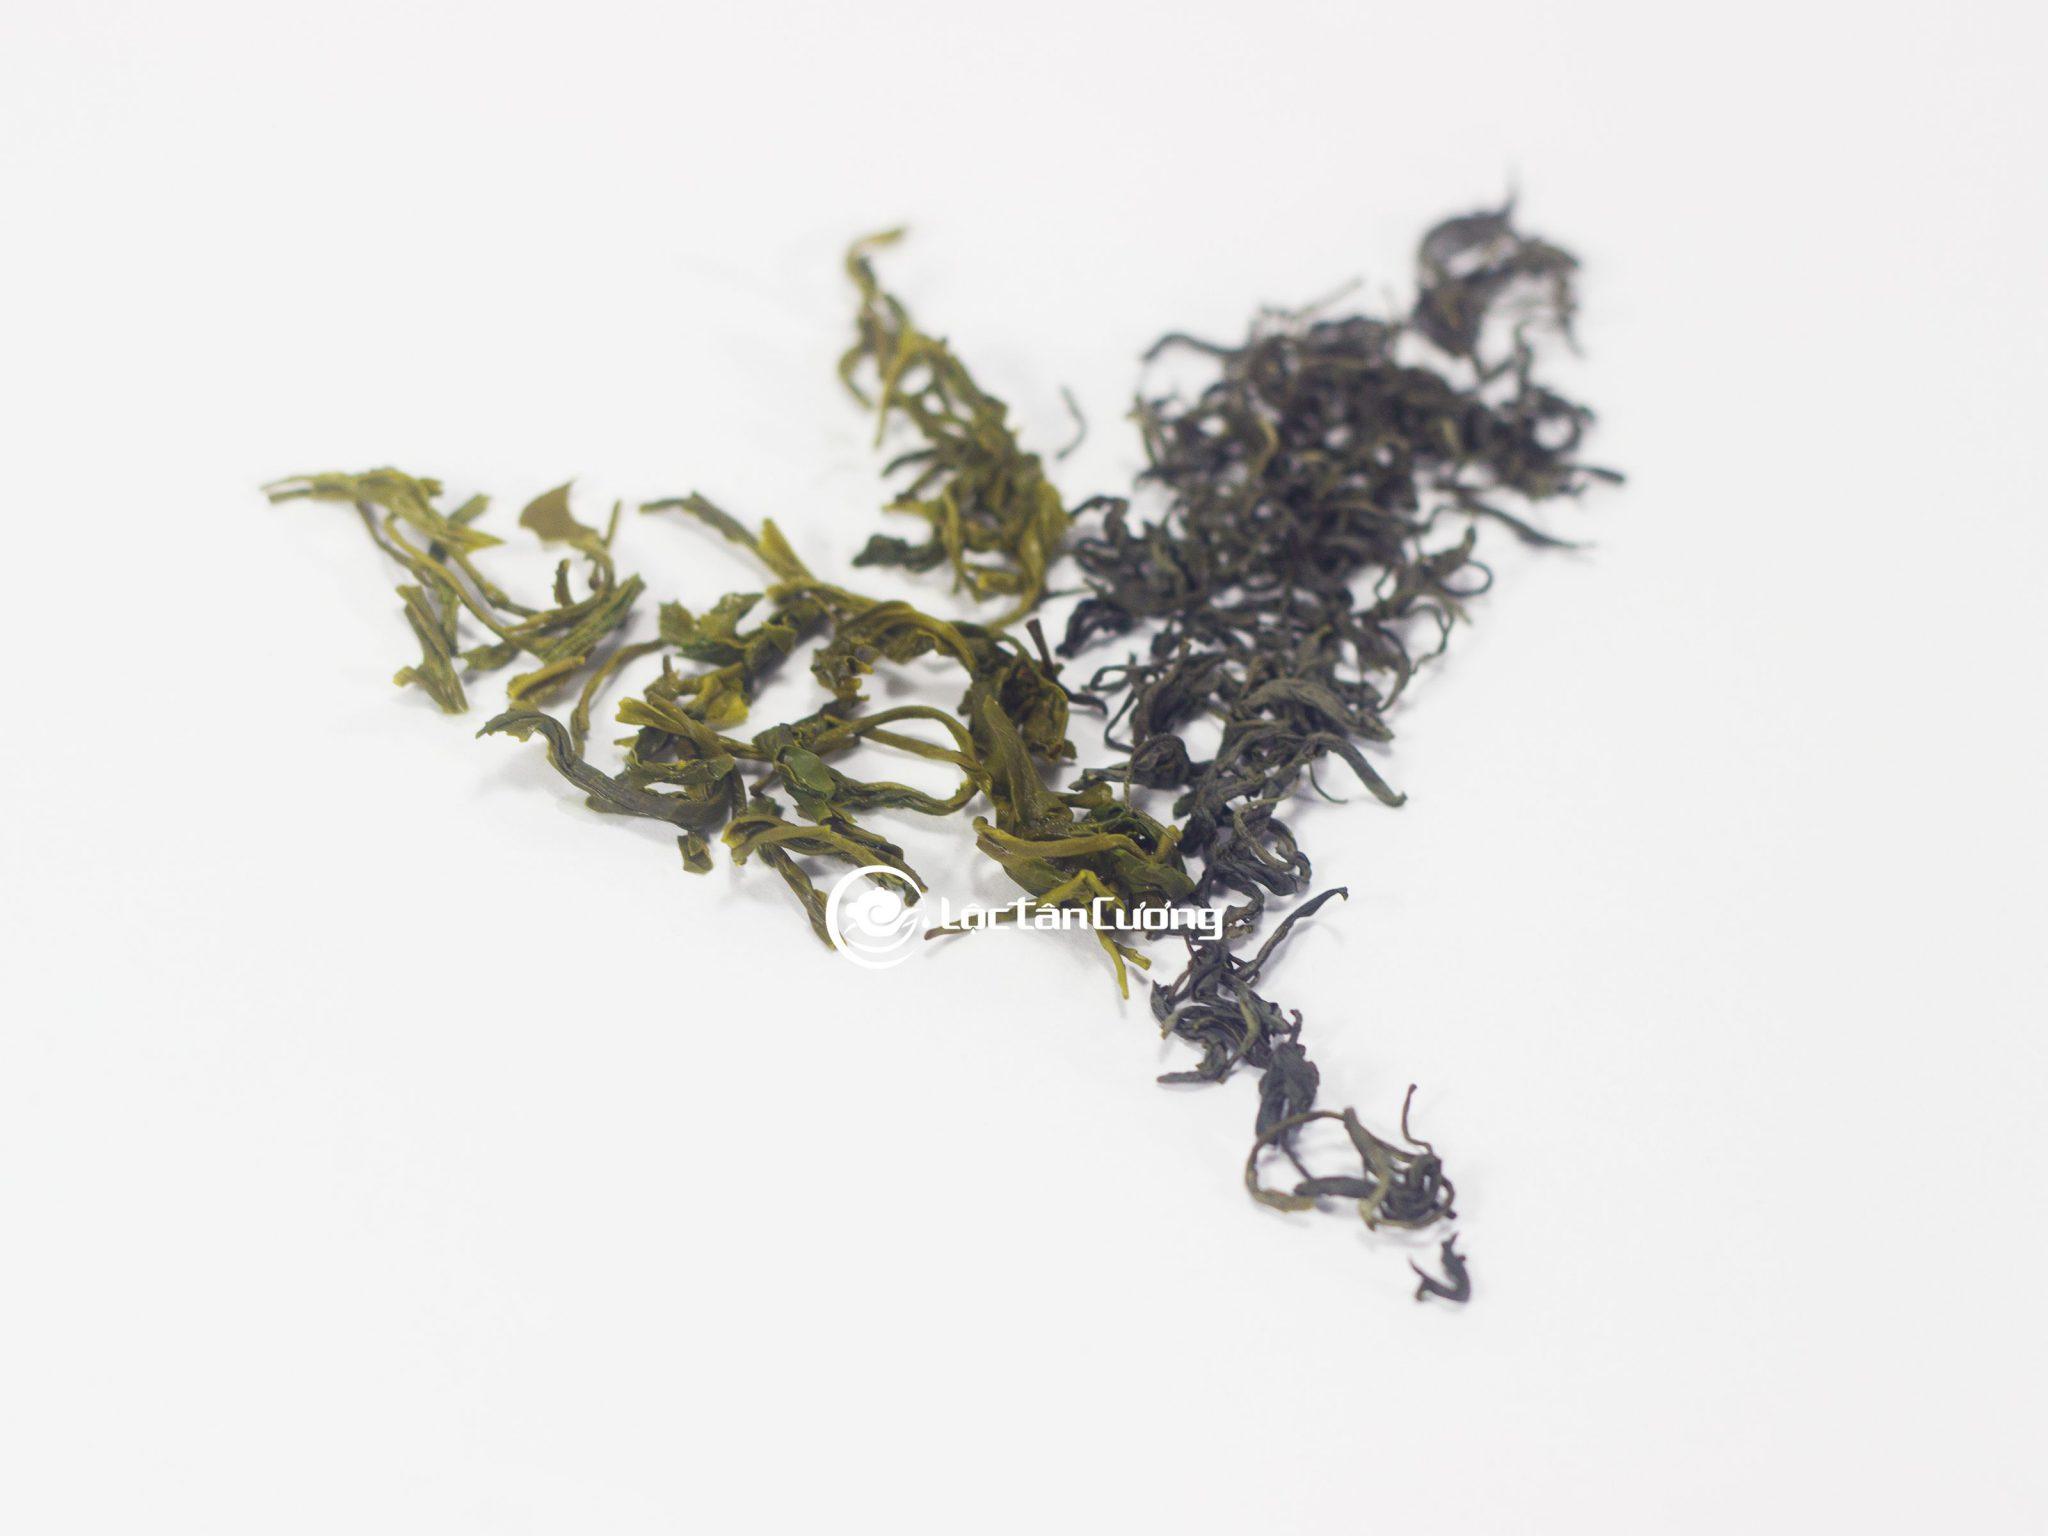 Chè nõn tôm thái nguyên thượng hạng - thức uống không thể thiếu của người sành trà